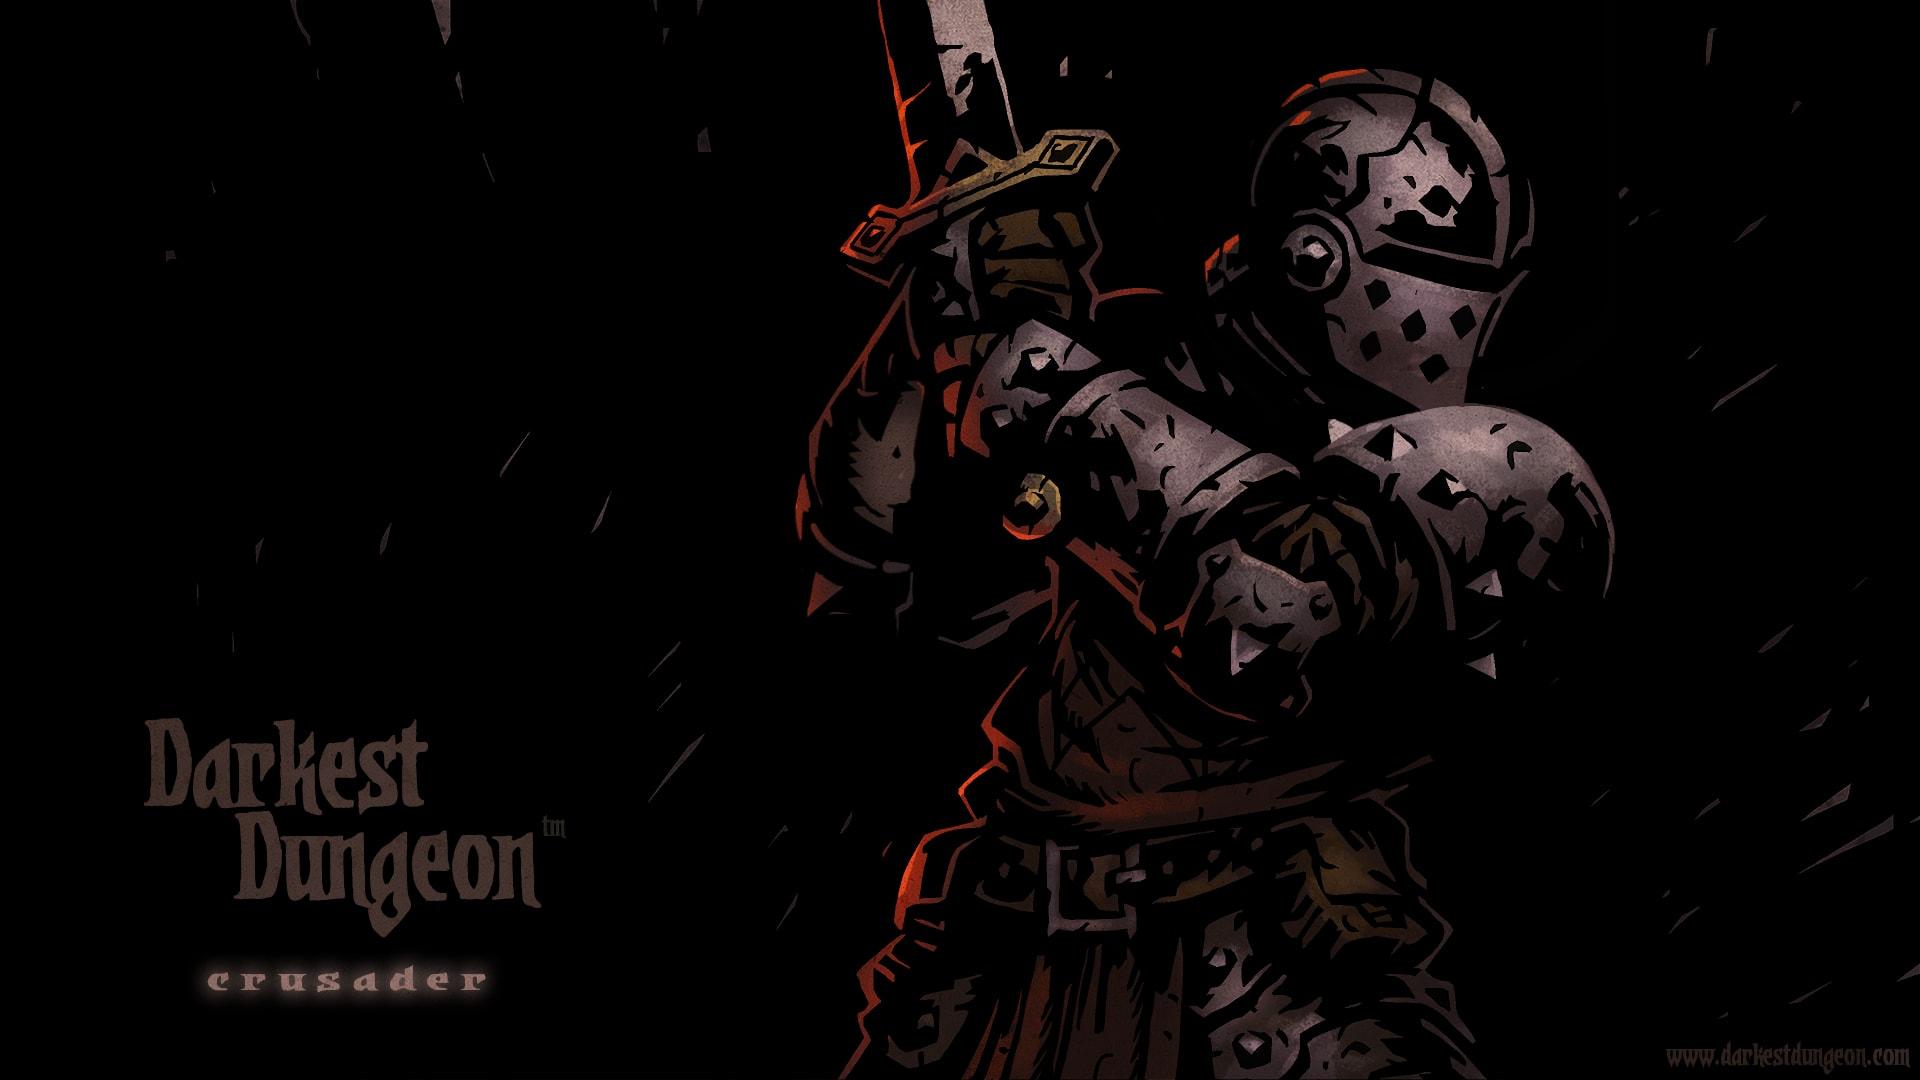 Darkest Dungeon: Crusader Wallpapers